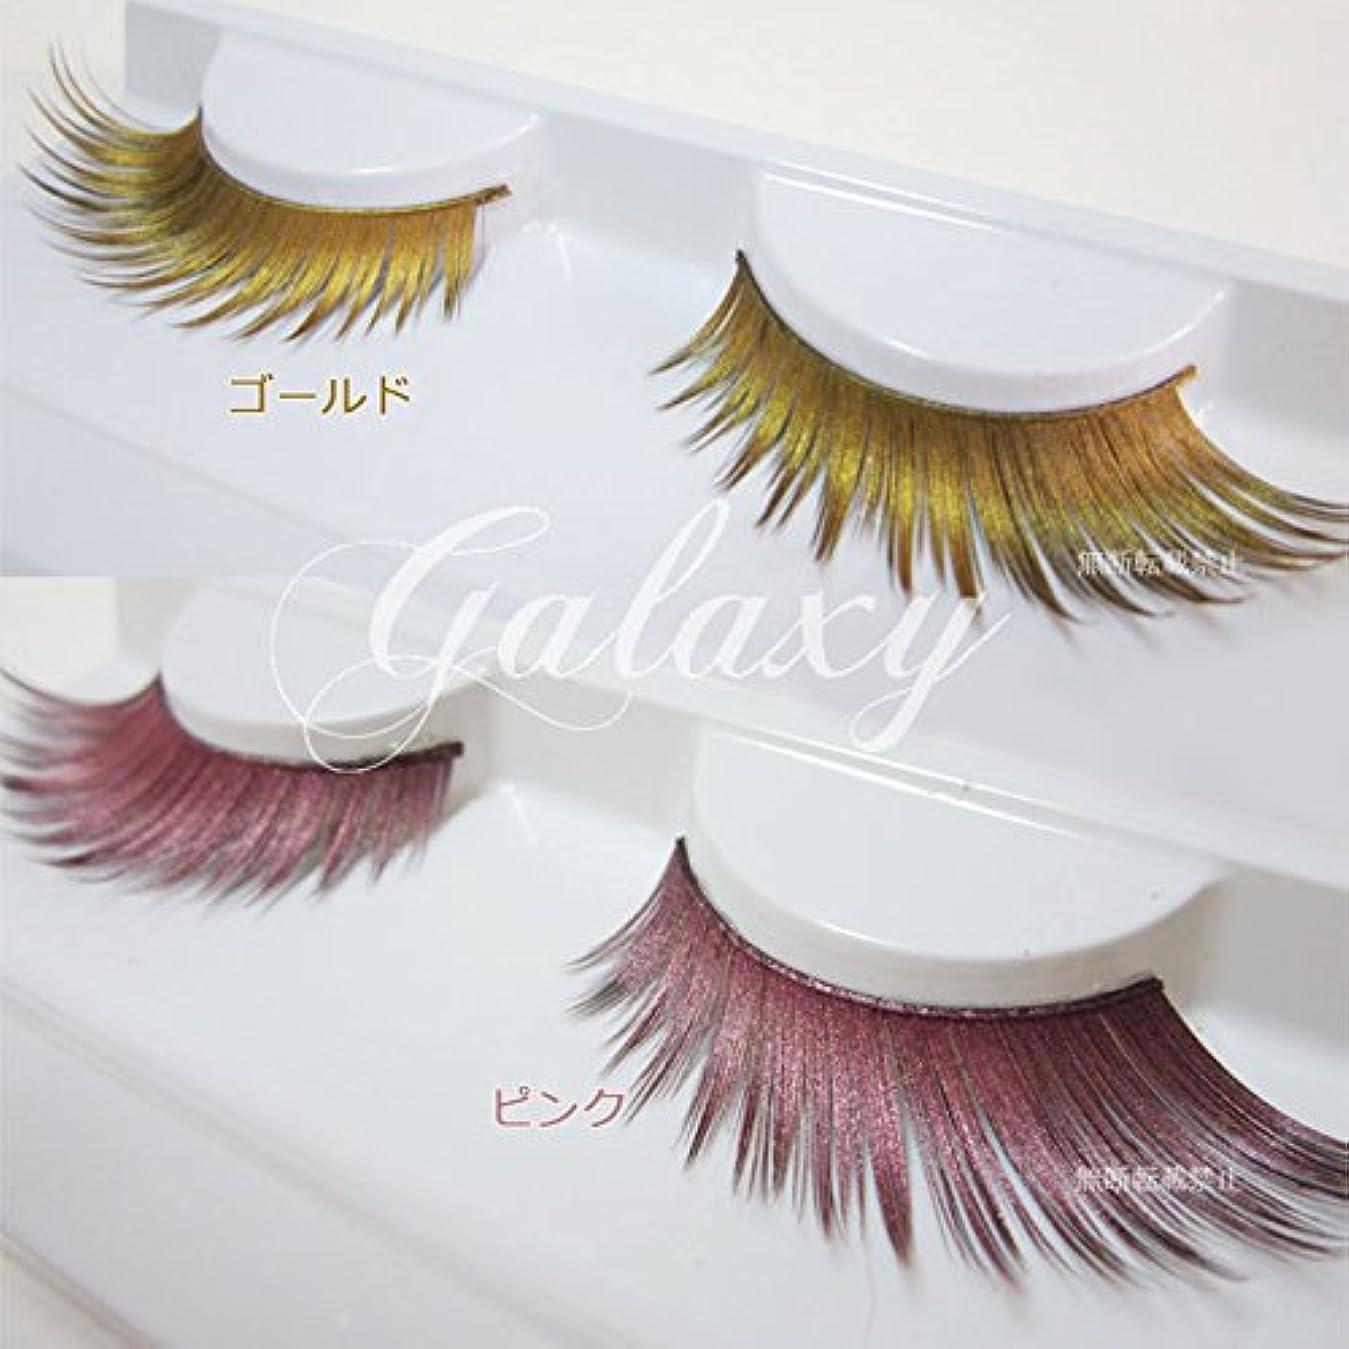 イディオム出力活気づくカラーつけまつげ 付けまつげ 色付き 色つき ダンス用 ダンス パーティー 発表会 4色 tuke0019 ゴールド